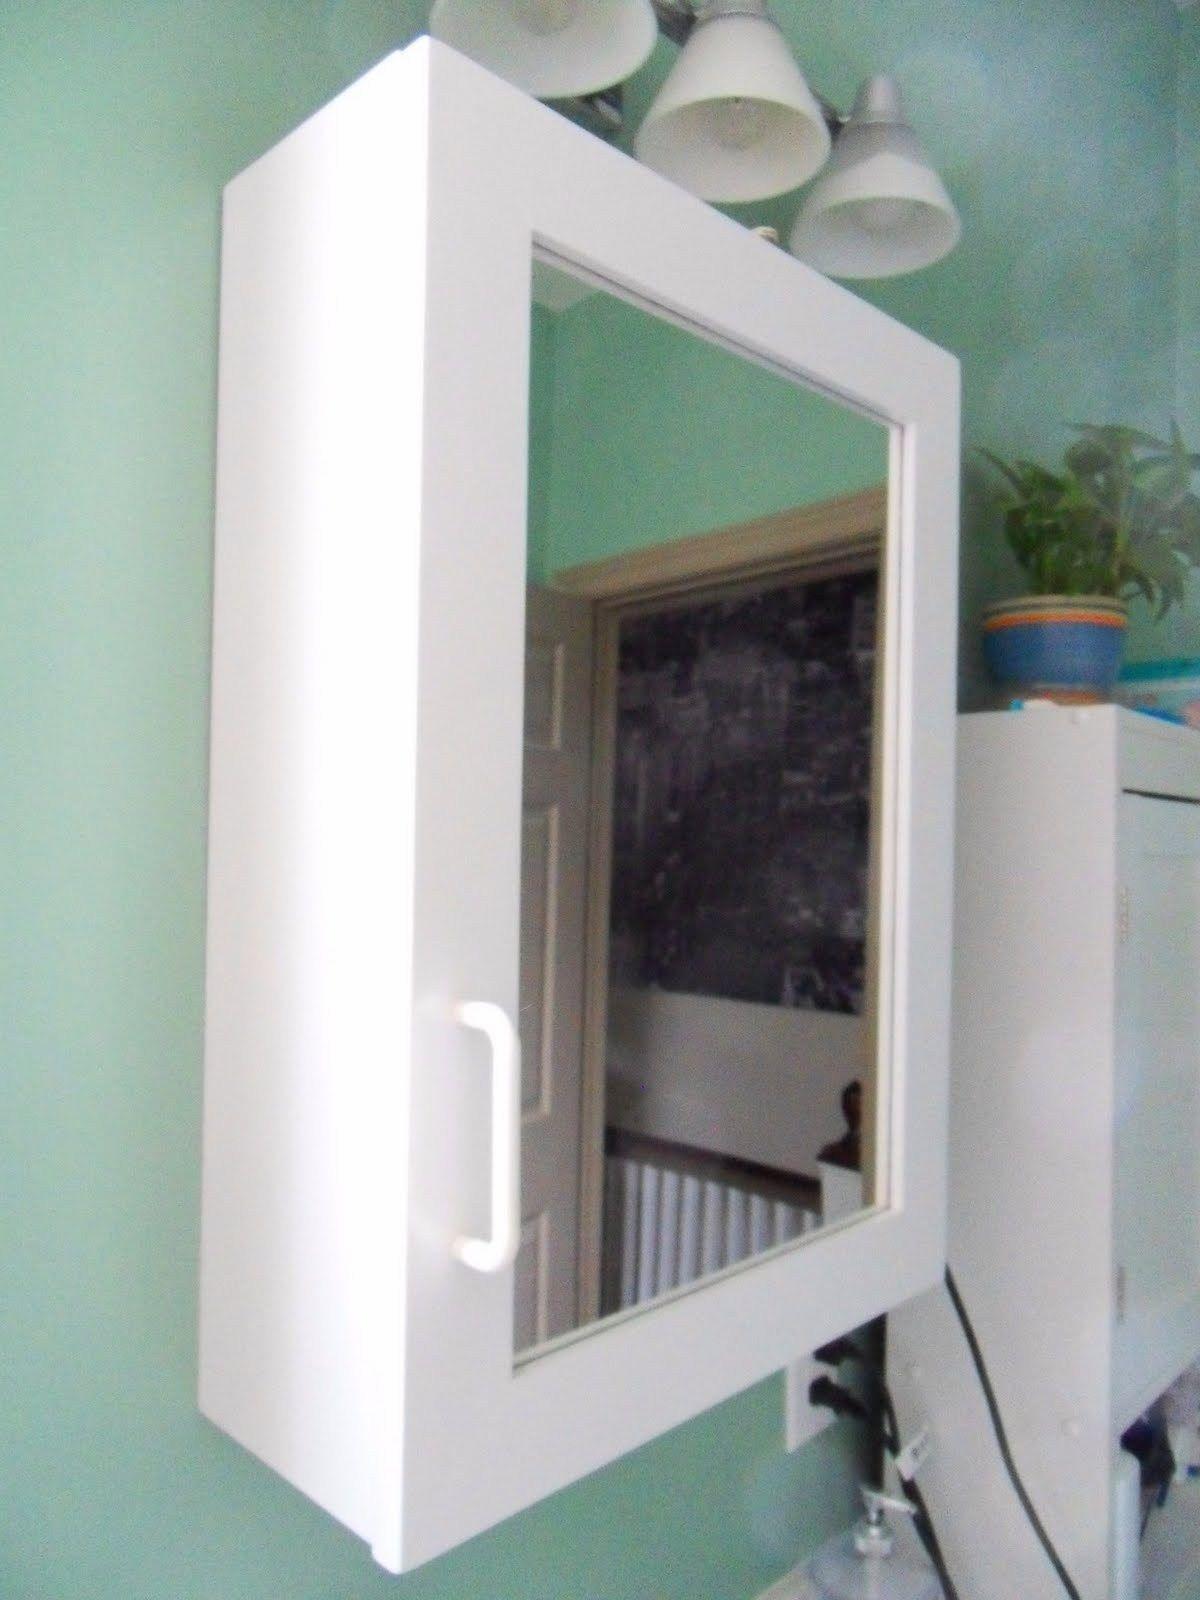 Over Bathroom Cabinet Lighting Light Fixtures Bathroom Mirror Medicine Cabinets With Li Nautical Bathroom Decor Bathroom Light Fixtures Bathroom Vanity Designs